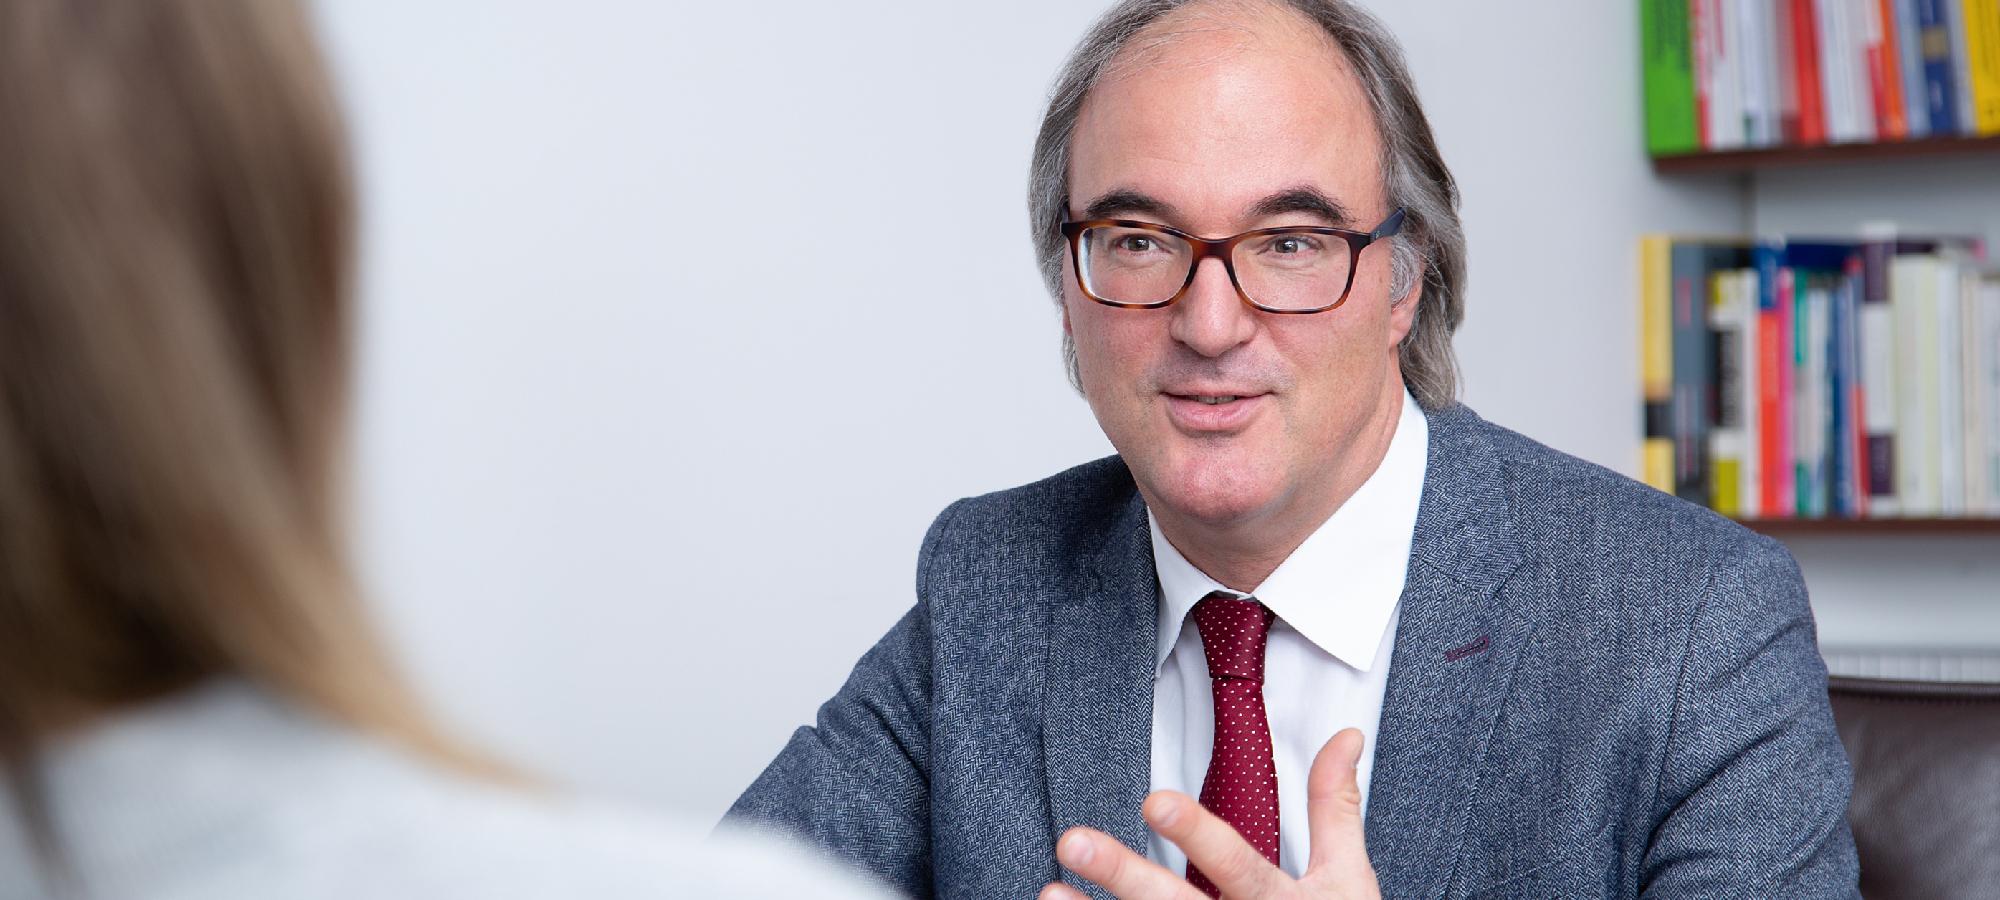 RA Joachim Schlichtig · Fachanwalt für Erbrecht · Fachanwalt für Arbeitsrecht · Germering bei München